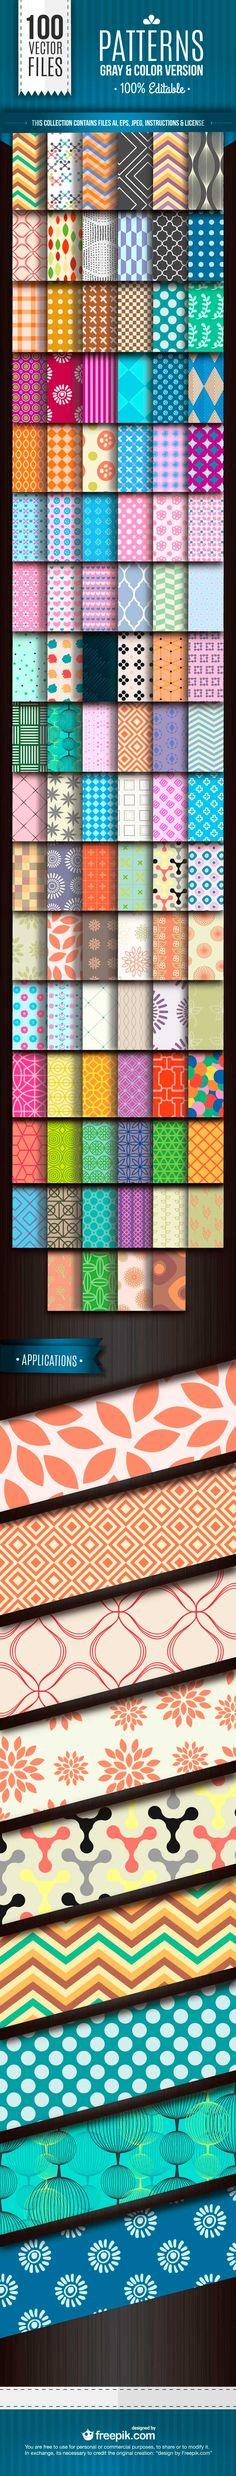 100 Patrones Vectorizados para Adobe Illustrator & Photoshop de Uso Comercial